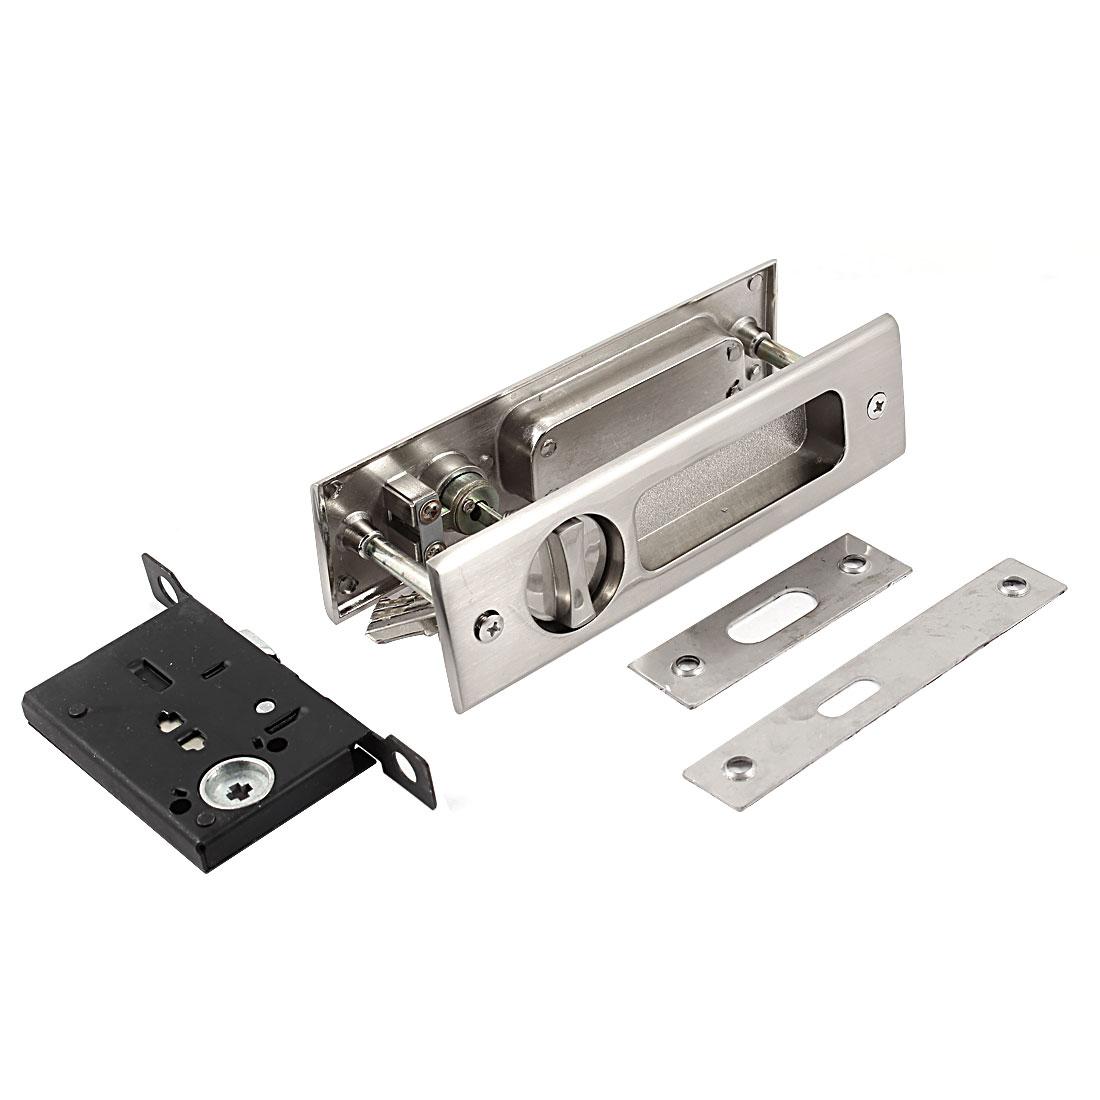 4mm Diameter Mounted Hole Bathroom Door Metal Concealed Handle Lock w Keys